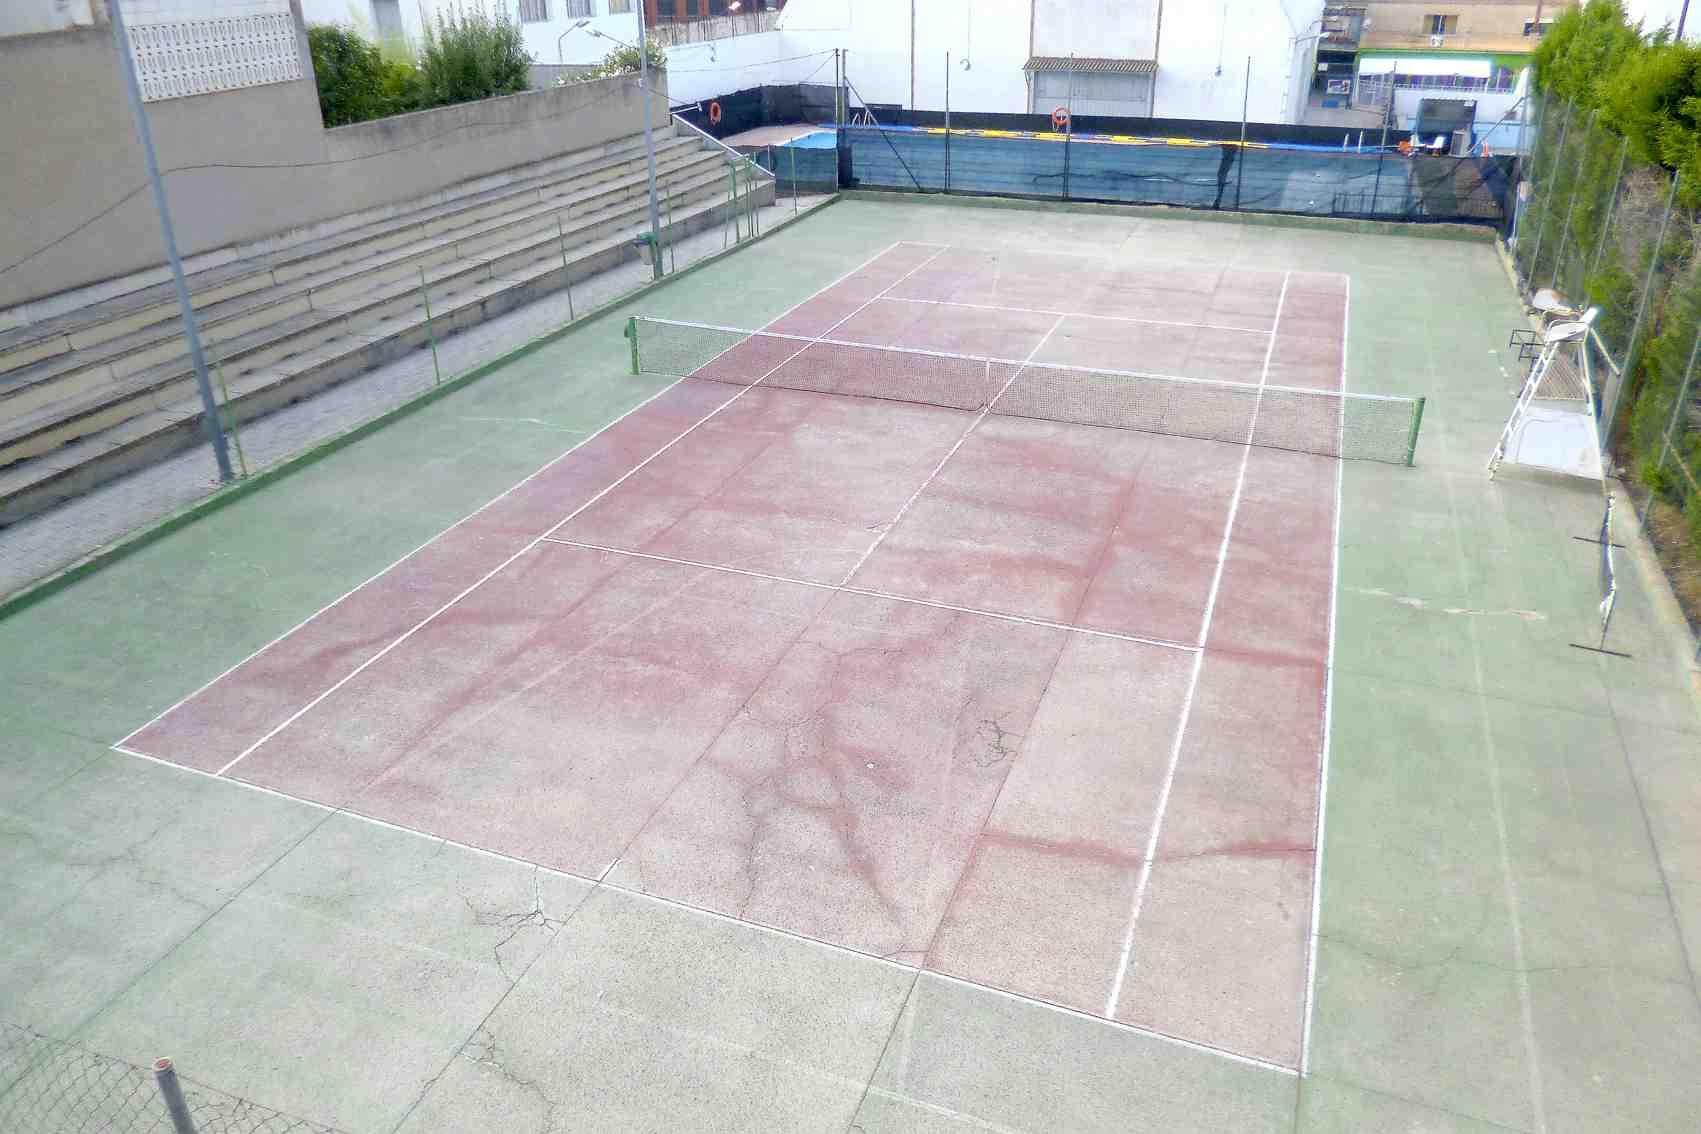 L'Ajuntament d'Onil invertirà prop de 23.000 euros en la renovació de la pista de tennis del Poliesportiu